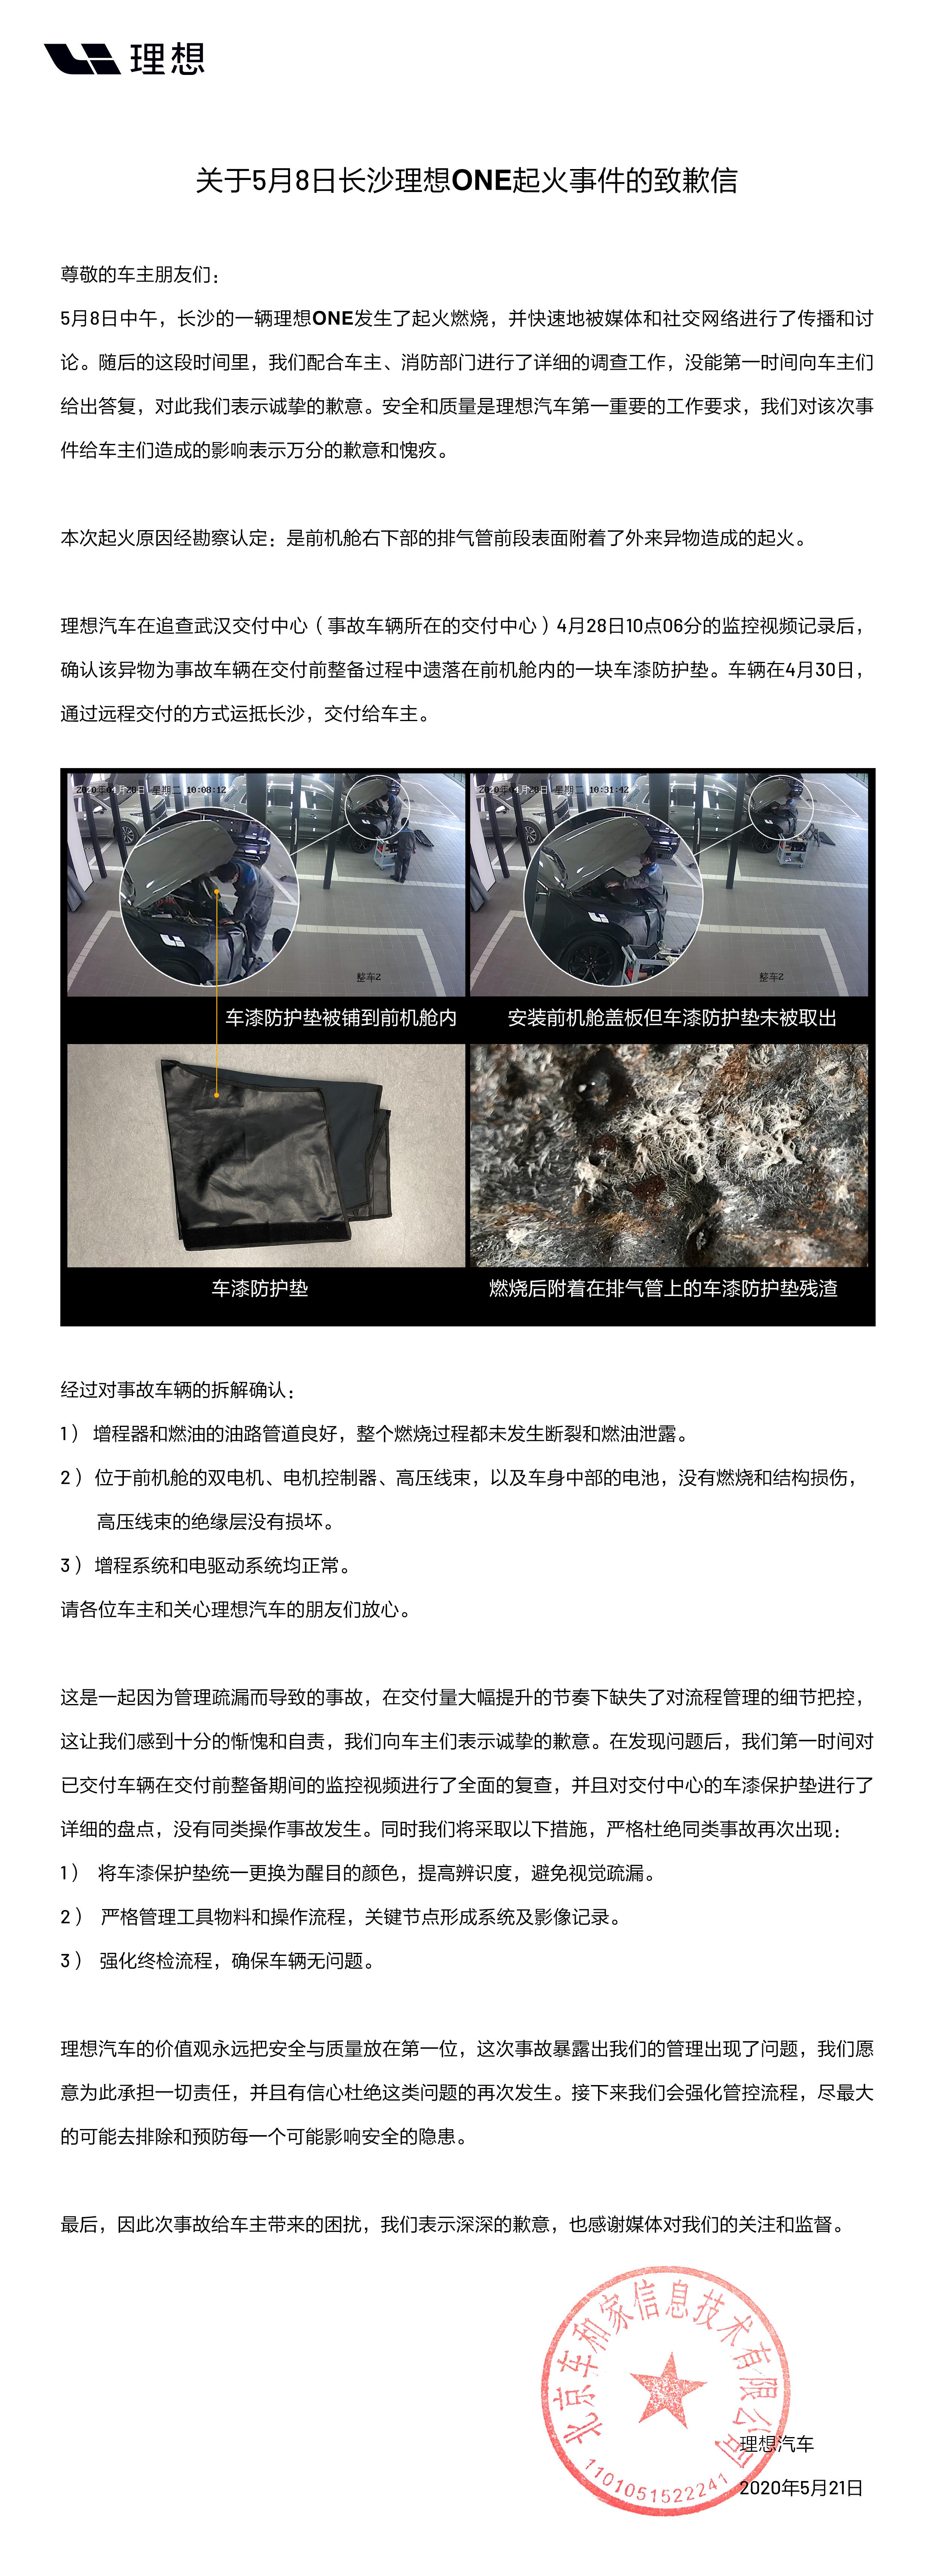 理想汽车关于5月8日长沙理想ONE起火事件的致歉信